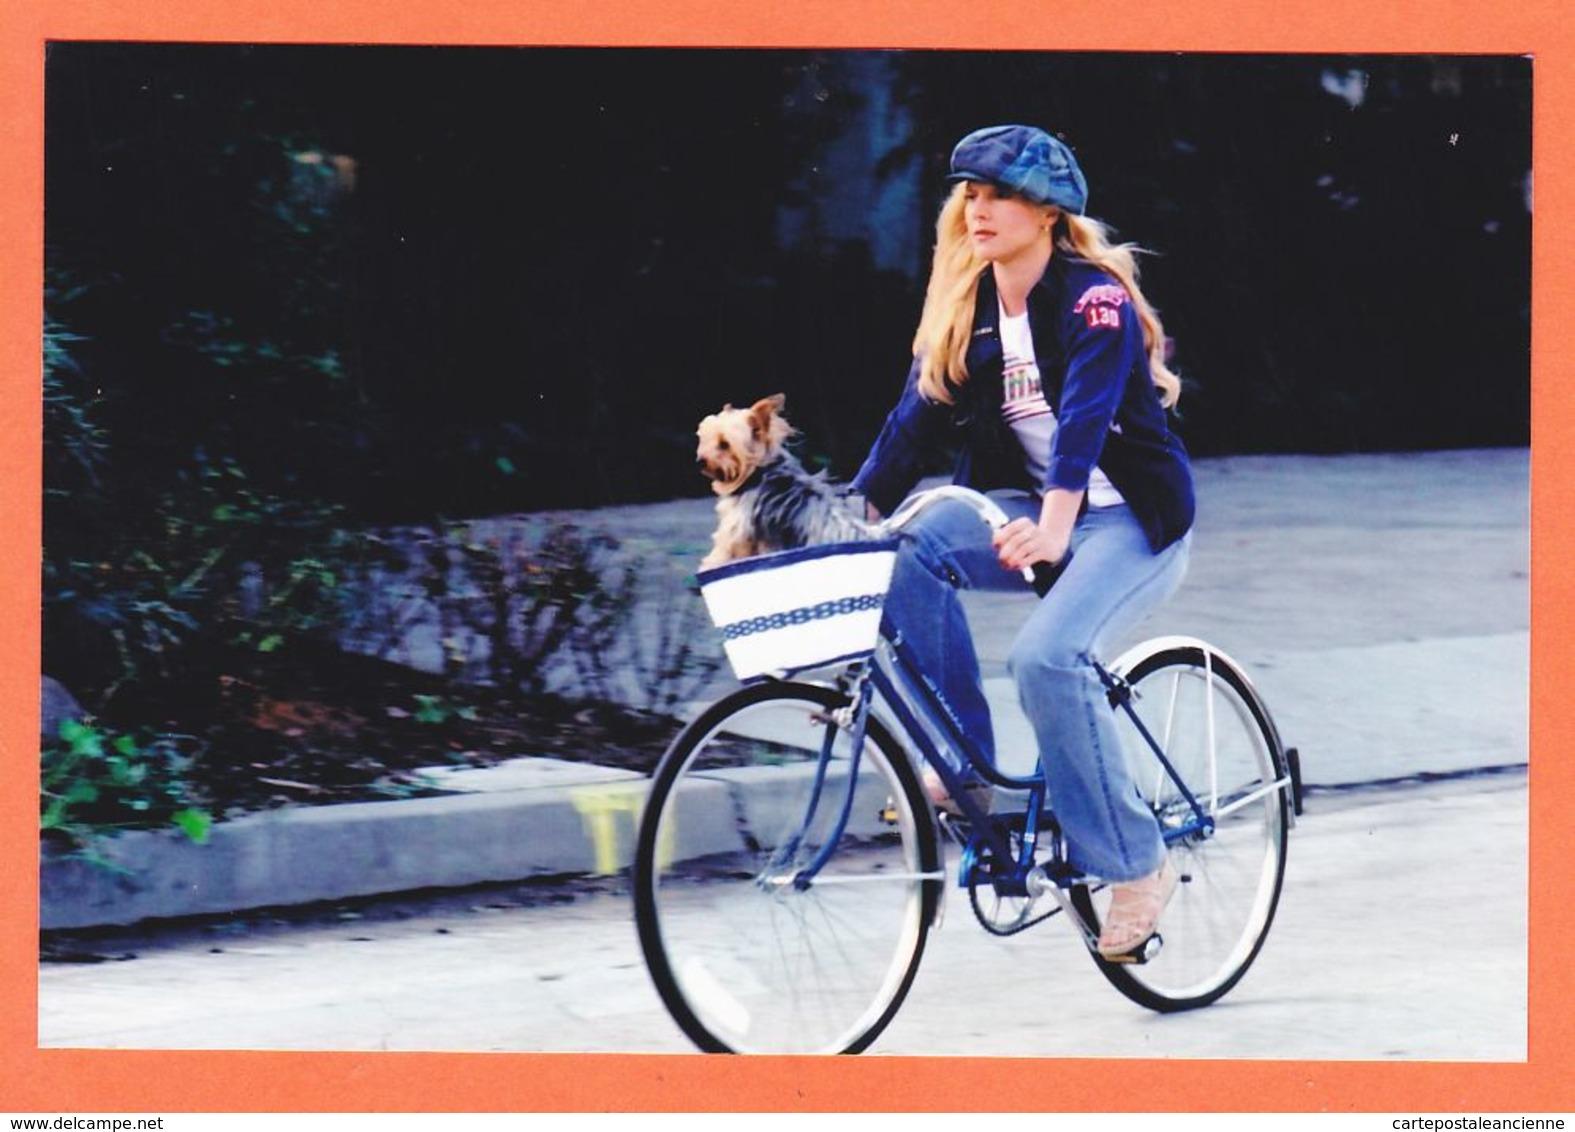 Wes131 SYLVIE VARTAN 1975s Vélo Beret Chien Période Bleue Photographie Sur Papier Fujifilm 15x10cm - Chanteurs & Musiciens